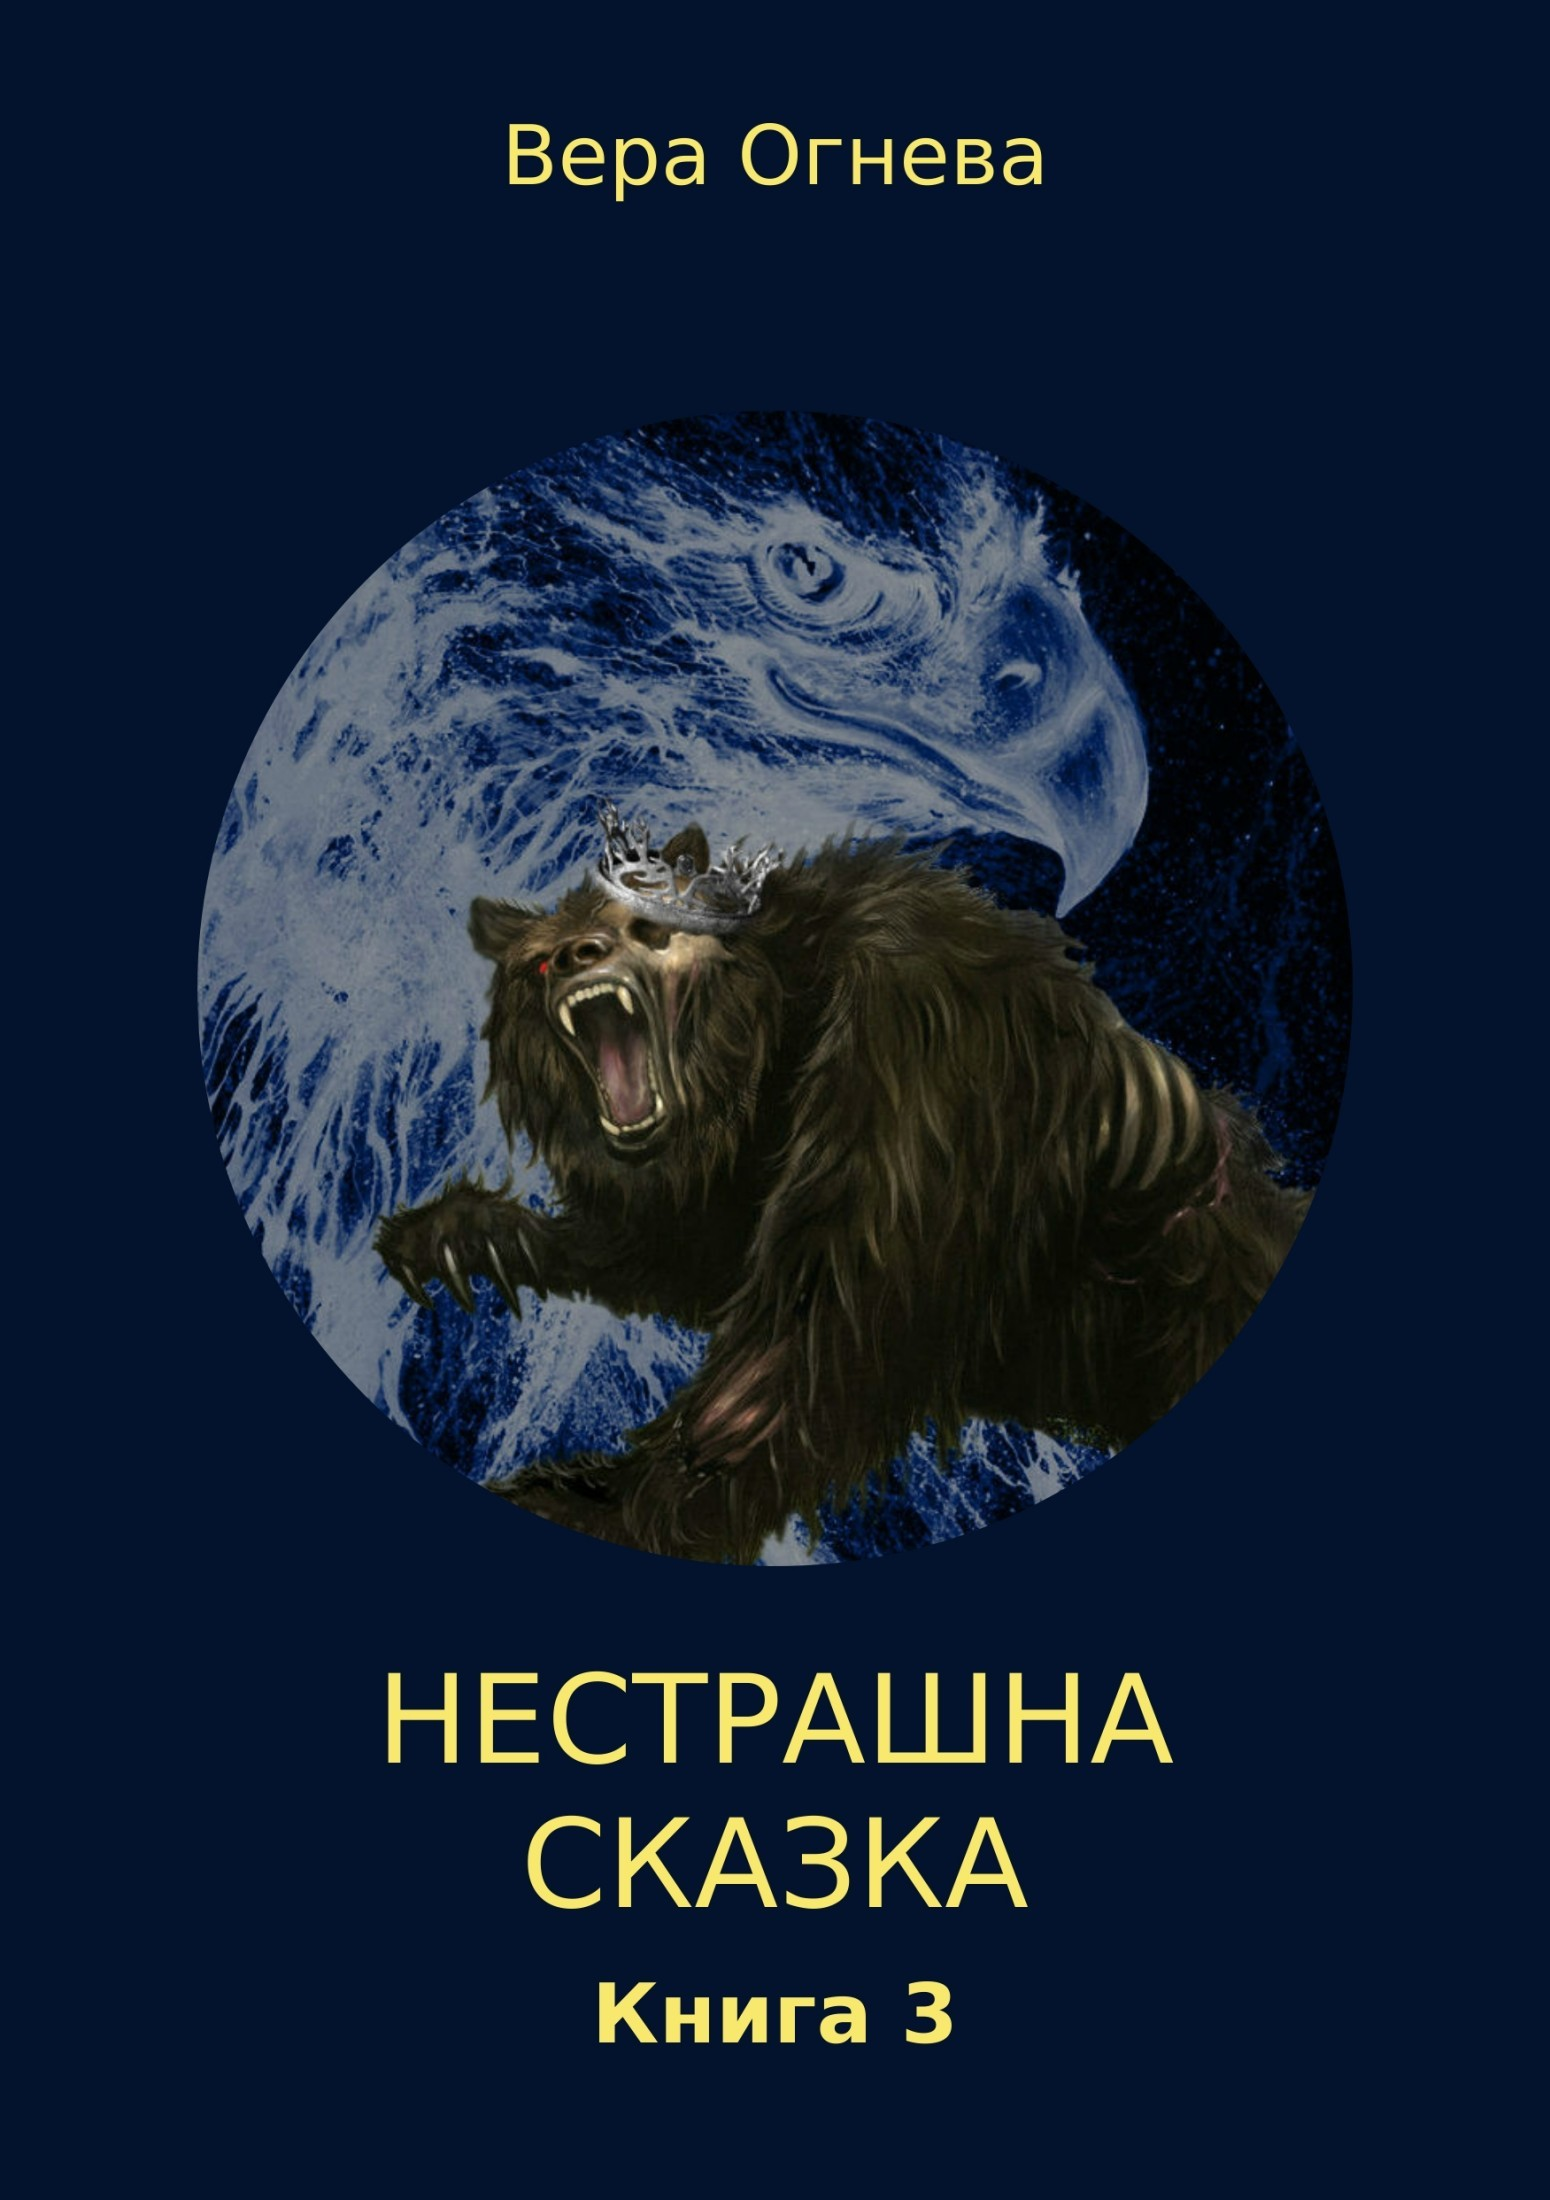 Вера Огнева «Нестрашная сказка. Книга 3»